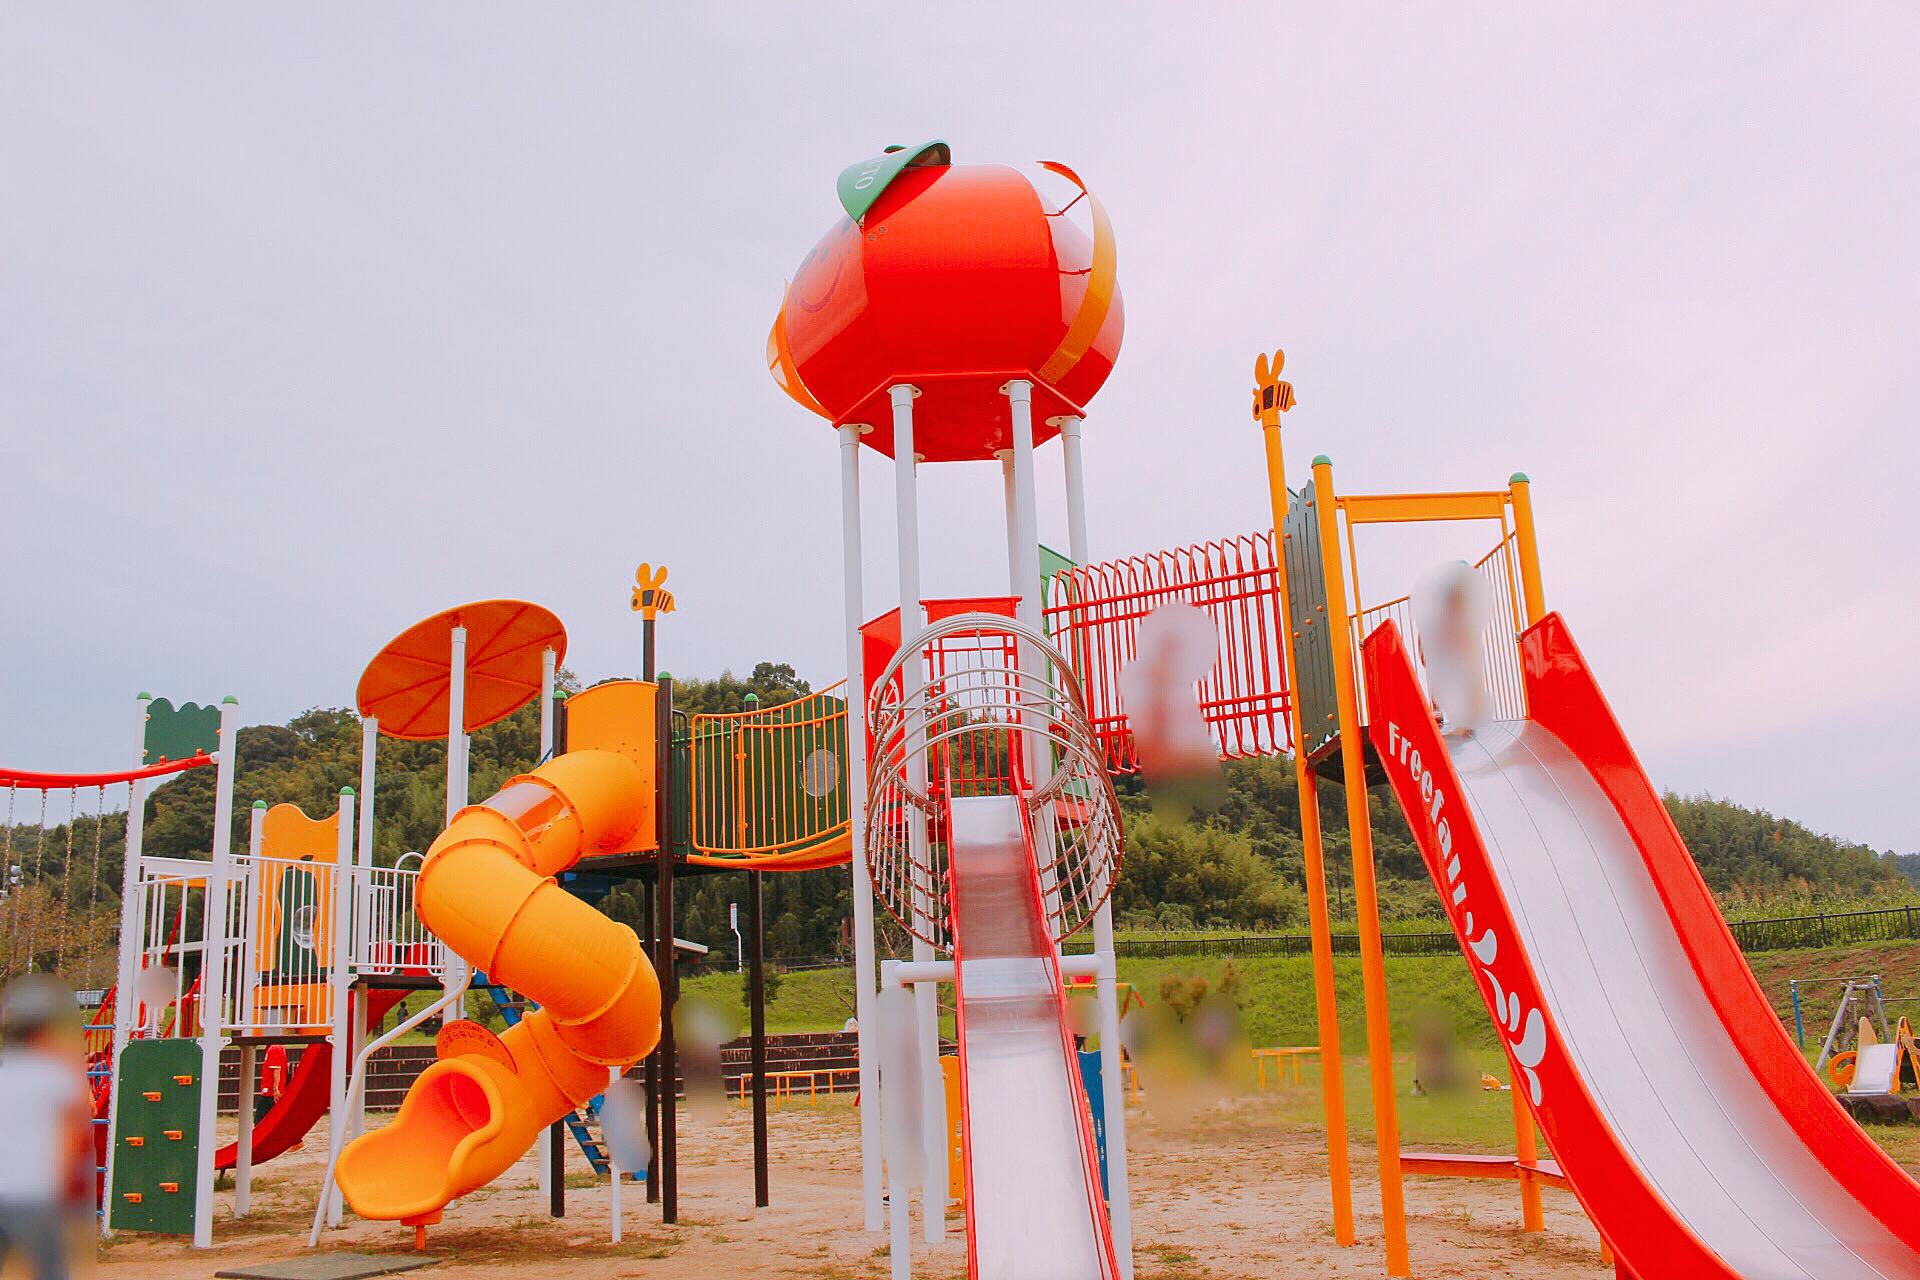 【オレンジ公園】玉東町のオレンジタウンふれあい公園@遊具